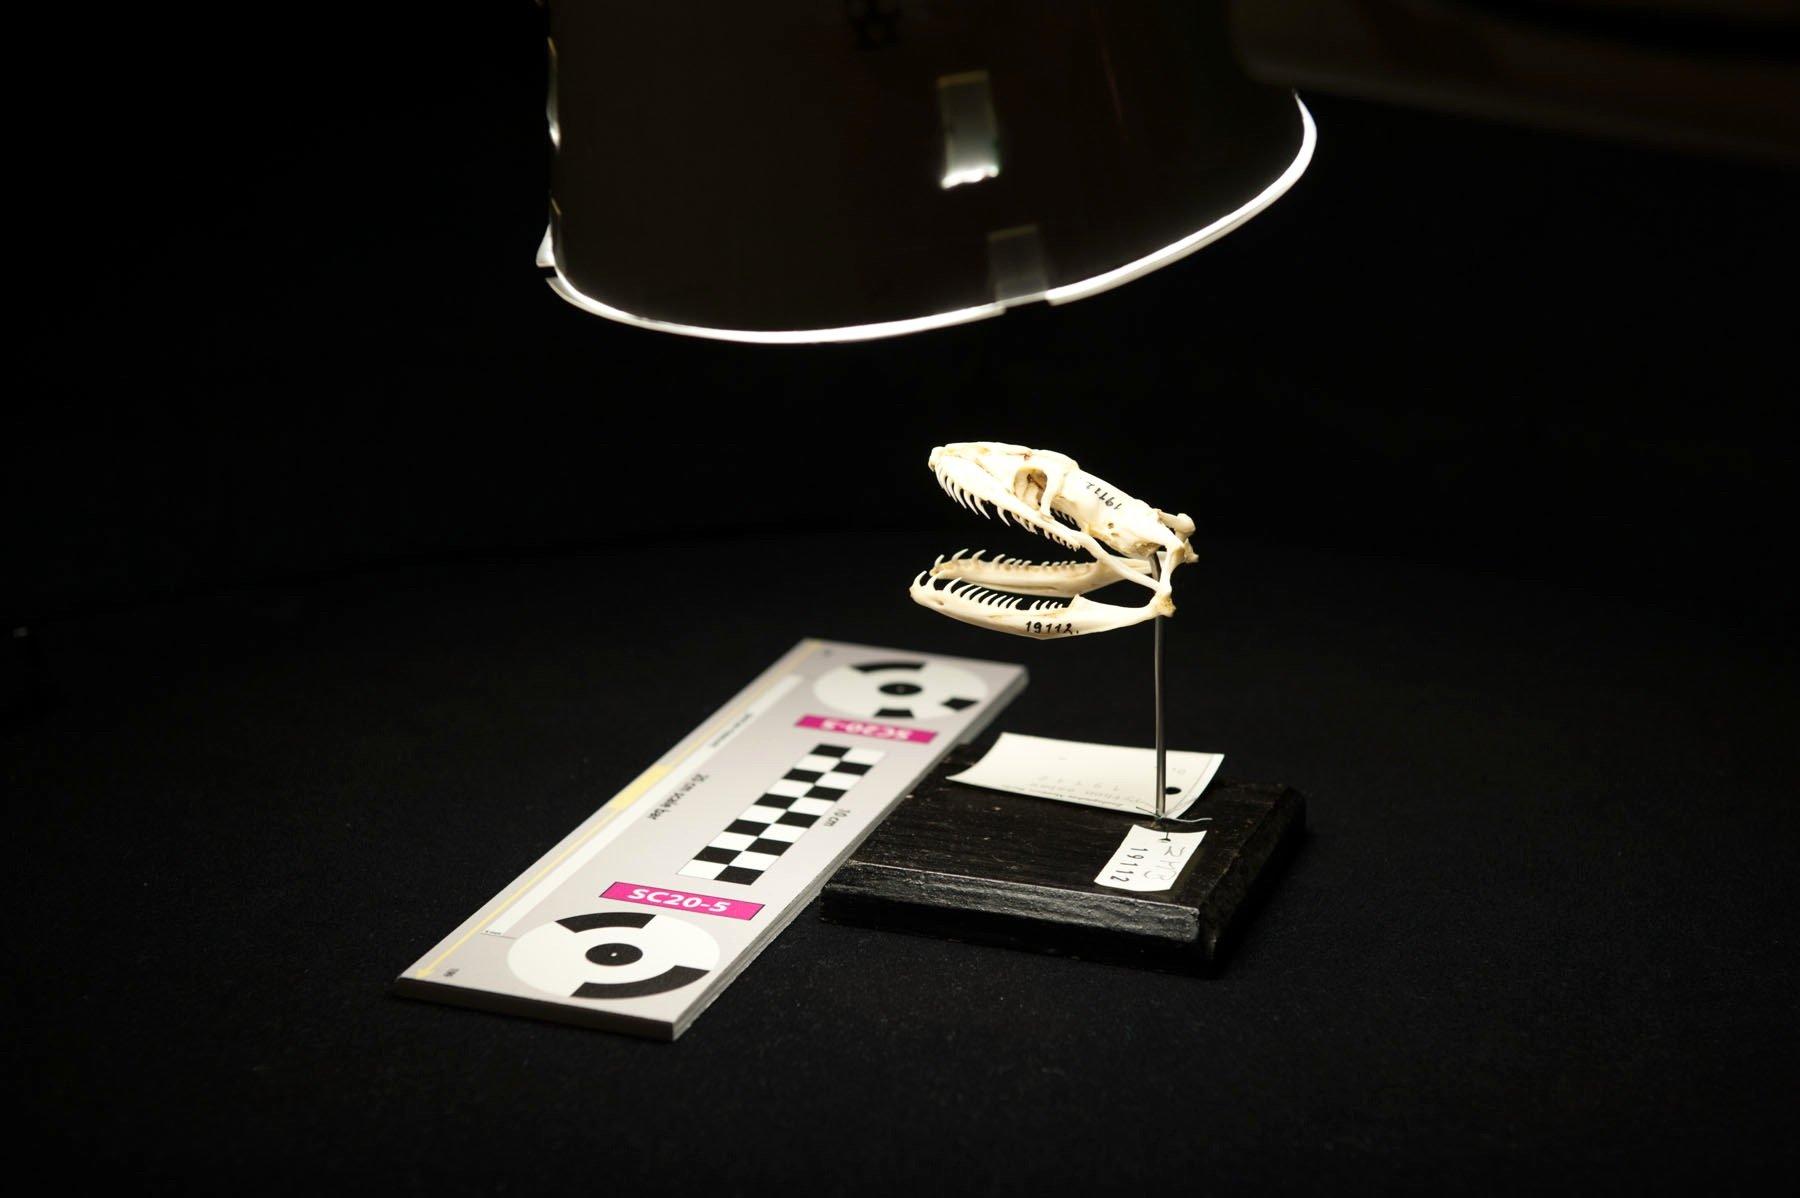 Auch kleine Objekte wie dieser Schlangenschädel wurden im neuen 3D-Scanner desFraunhofer-Instituts für Graphische Datenverarbeitung in Darmstadt im Berliner Museum für Naturkunde gescannt.